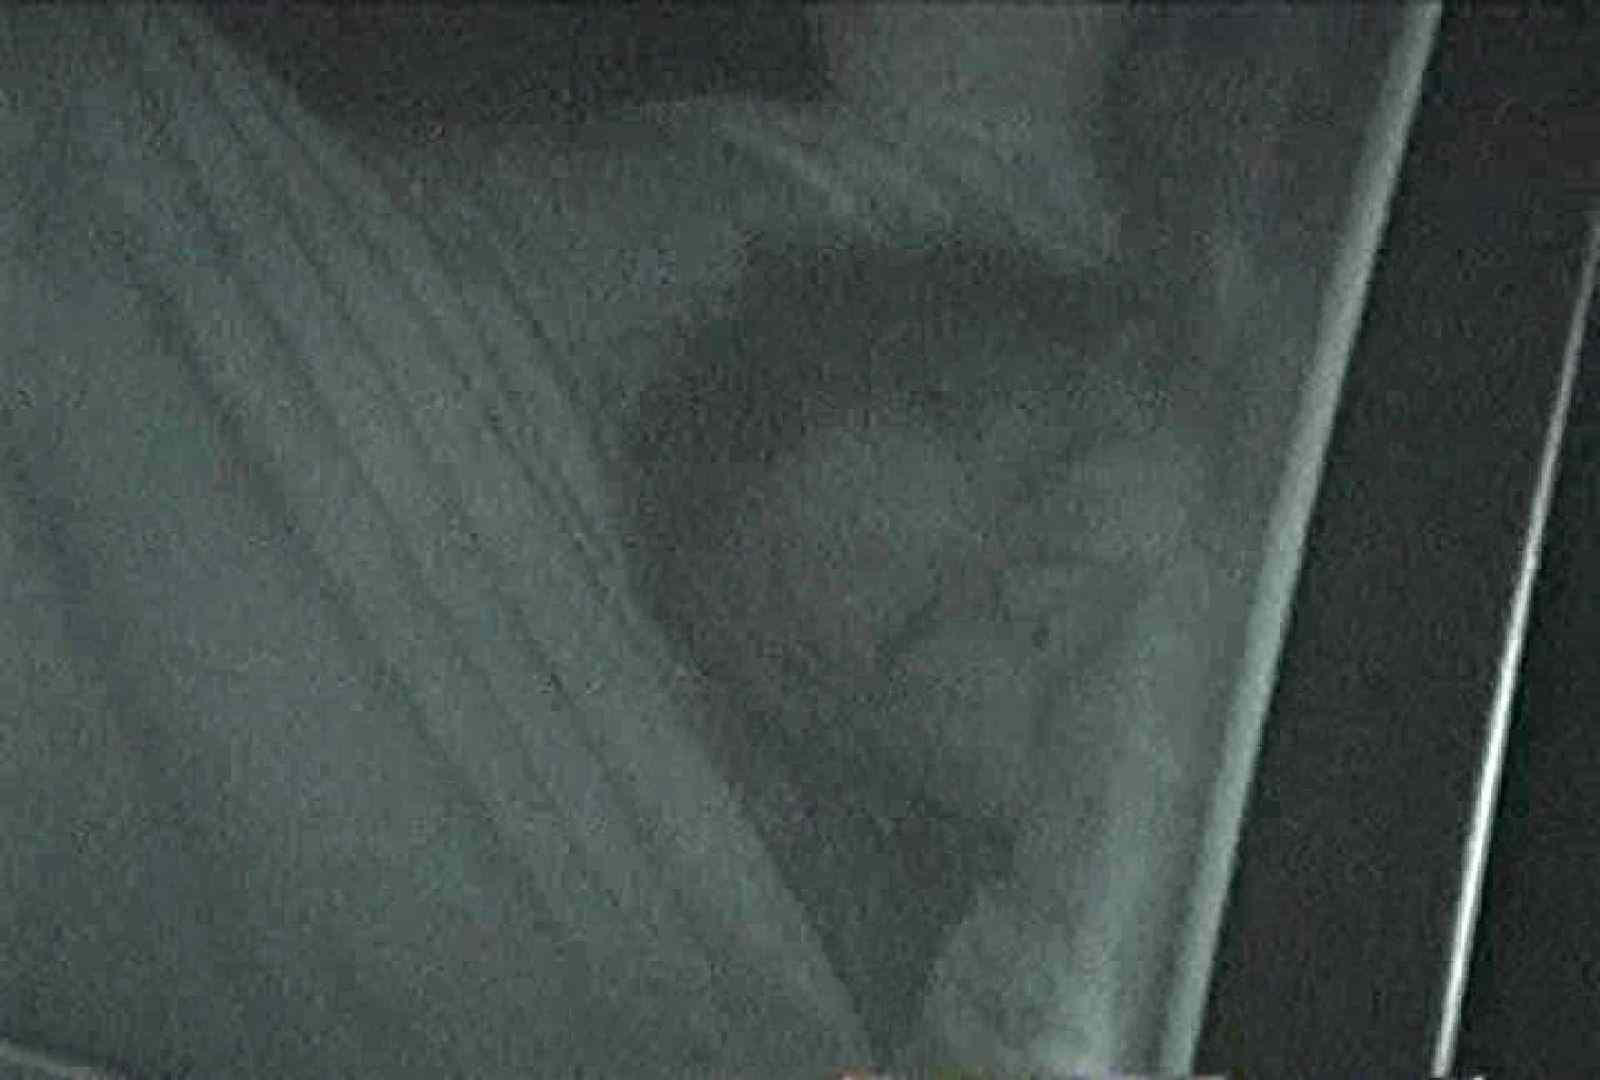 充血監督の深夜の運動会Vol.83 下半身 われめAV動画紹介 106pic 2